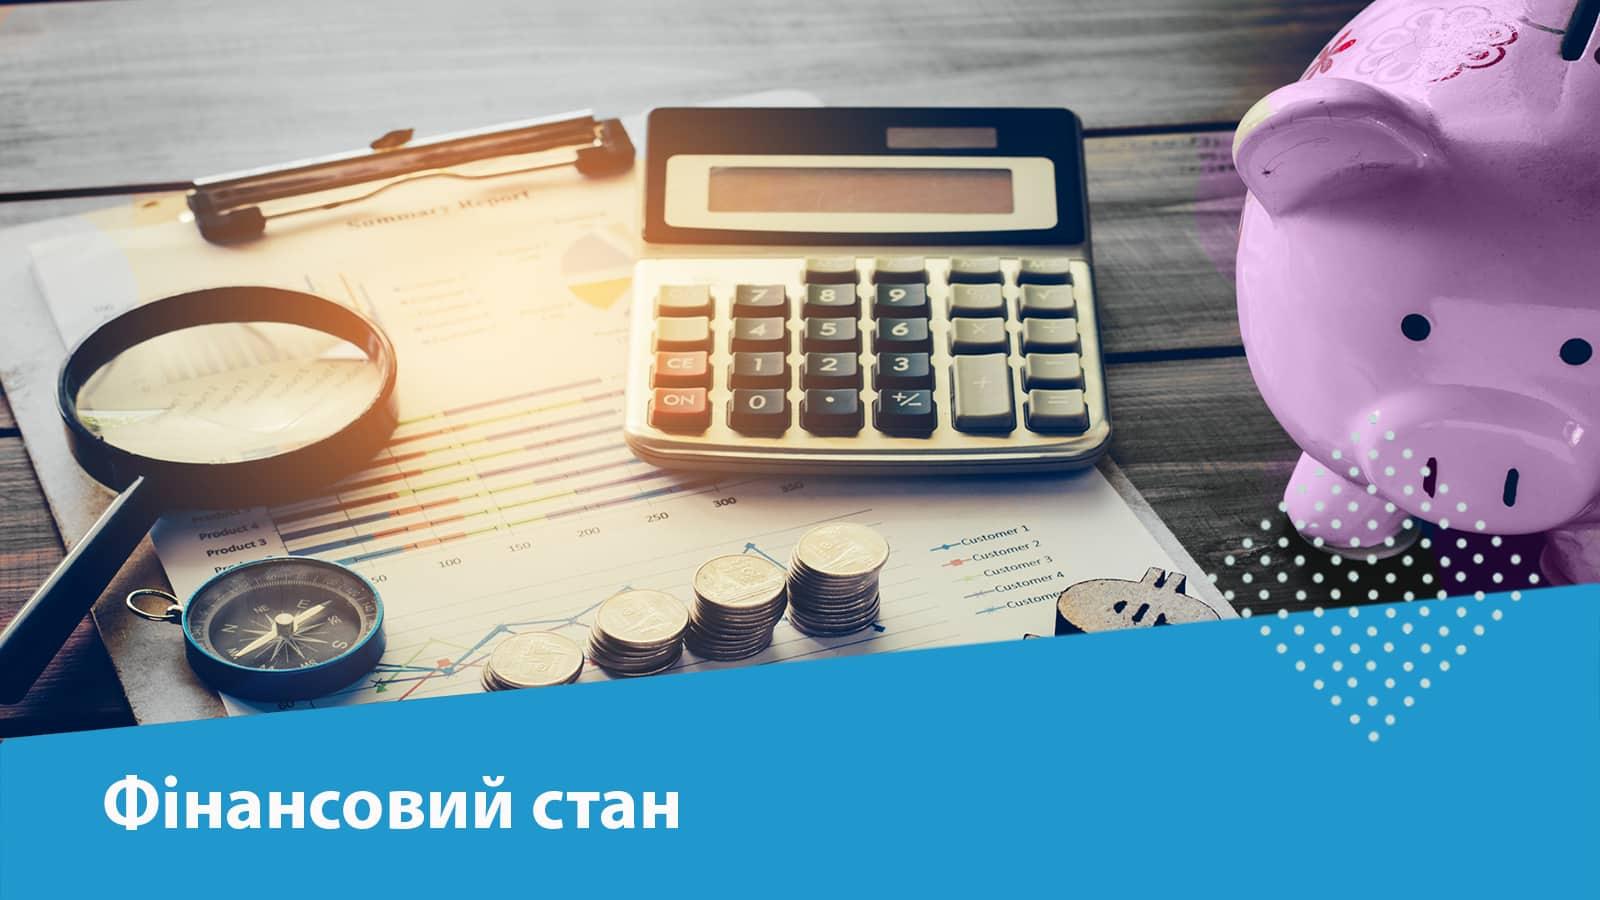 скарбничка і калькулятор